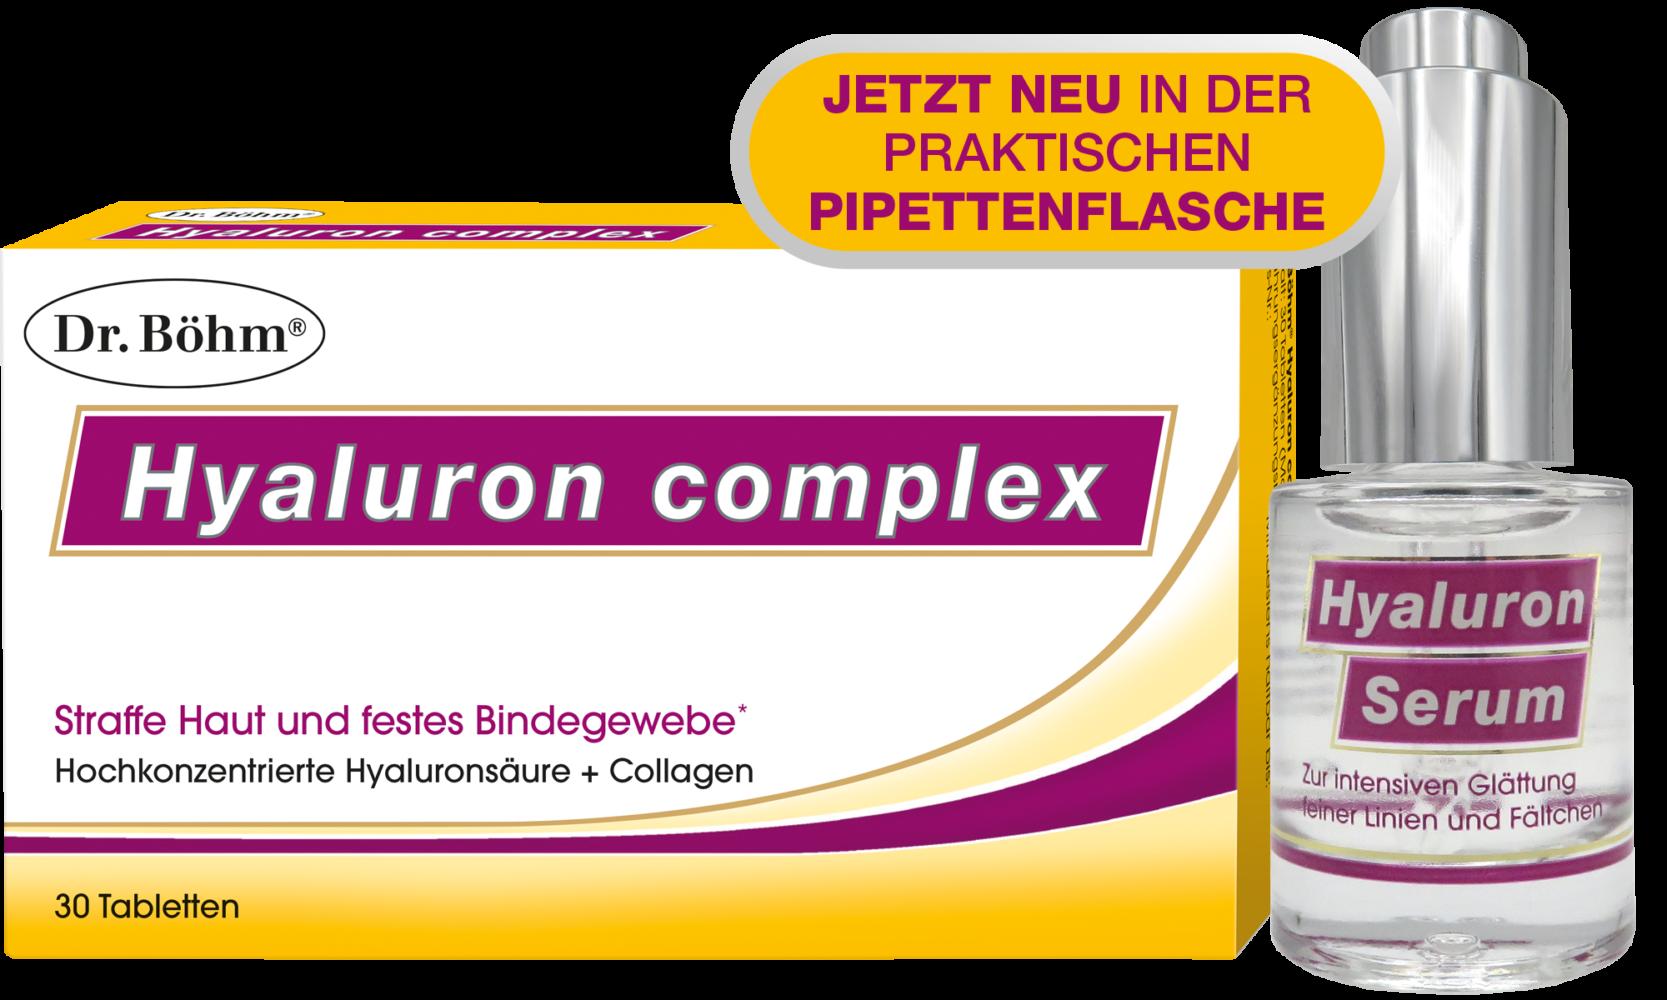 Dr. Böhm® Hyaluron complex Tabletten + Hyaluron Serum